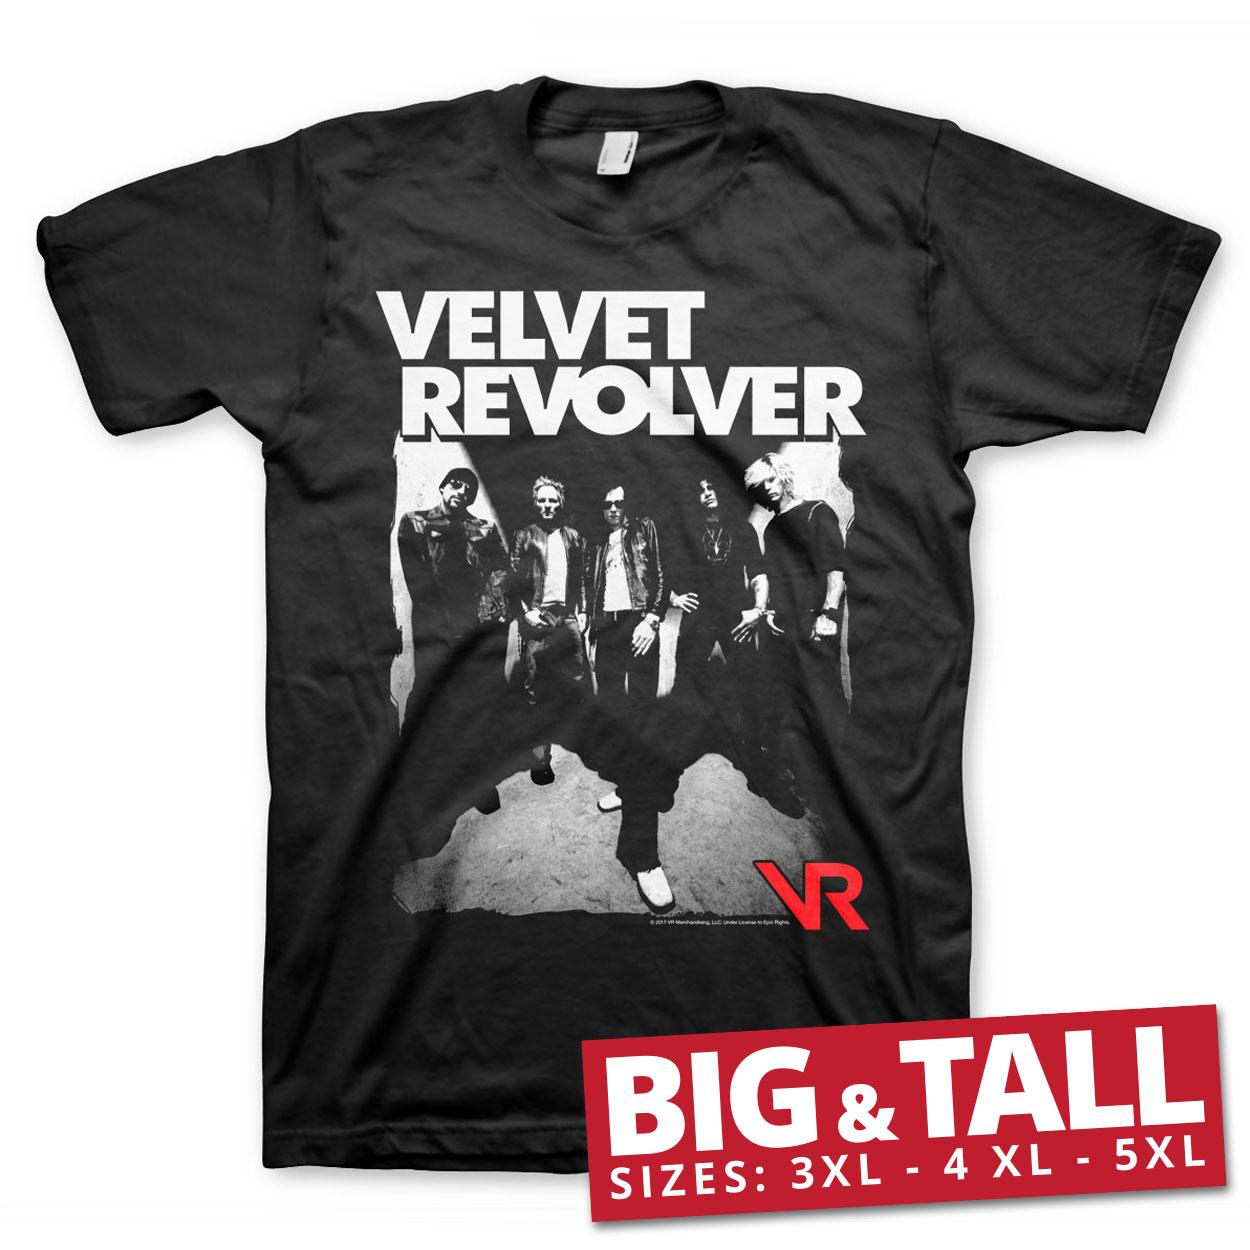 Velvet Revolver Big & Tall T-Shirt